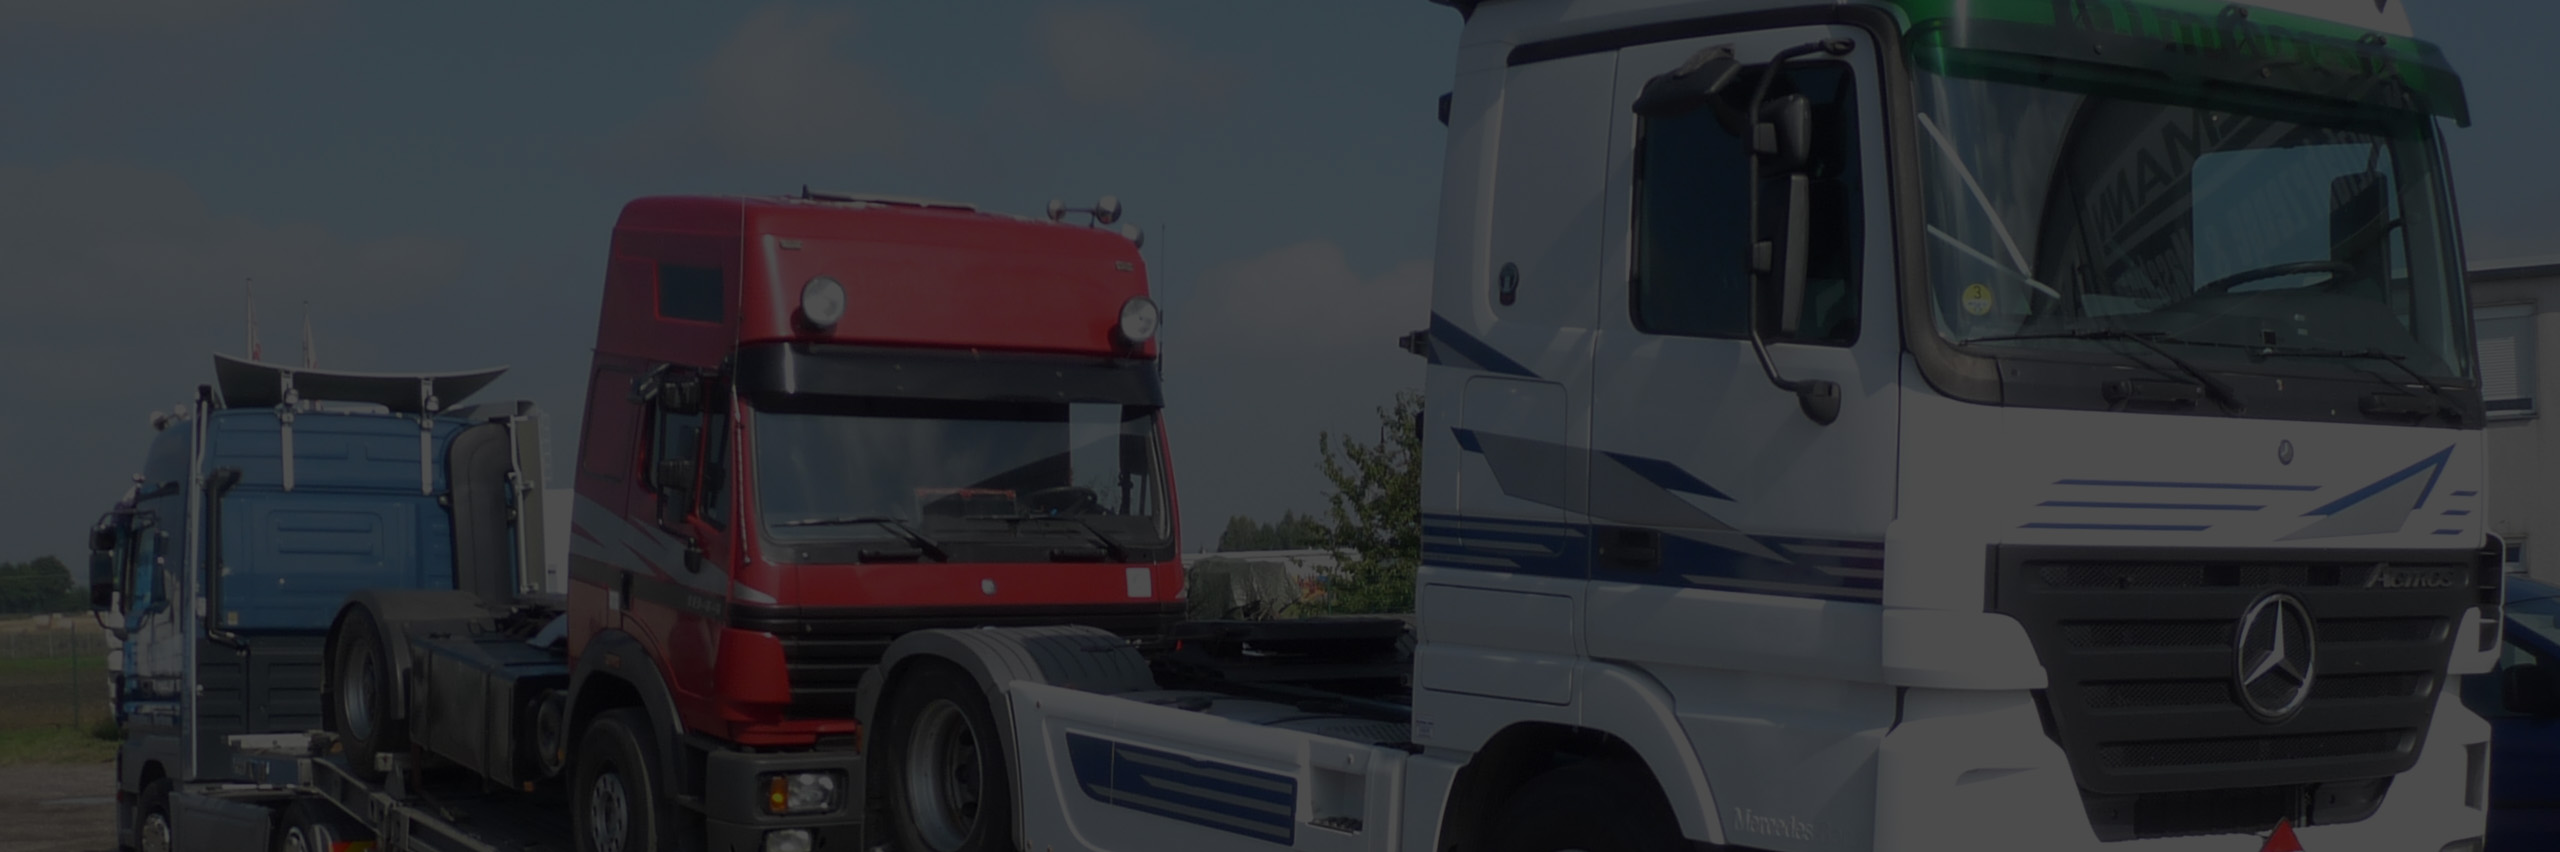 Vermietung von Nutzfahrzeugen und Baumaschinen